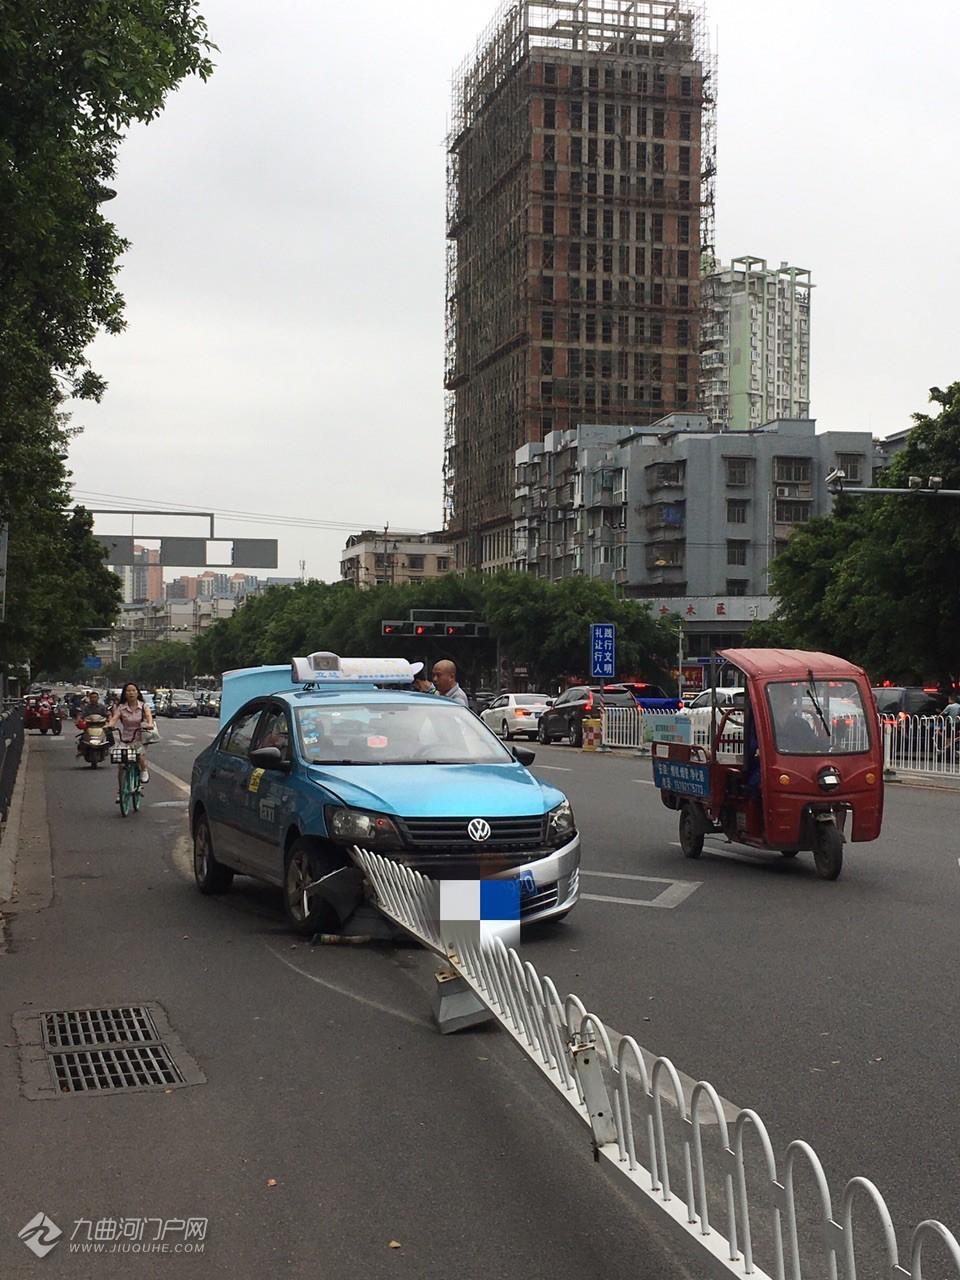 车头稀烂!资阳龙汇超市外,一出租车撞上马路上的护栏!